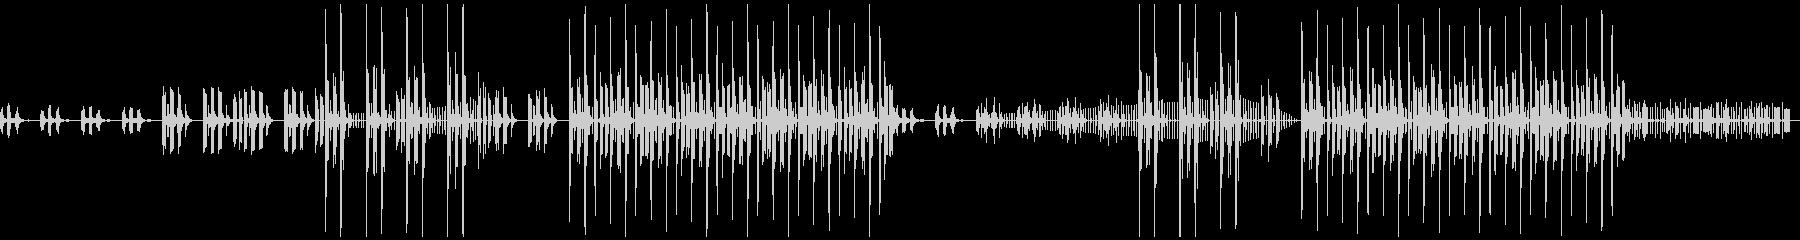 トラップ、冬、BGMの未再生の波形